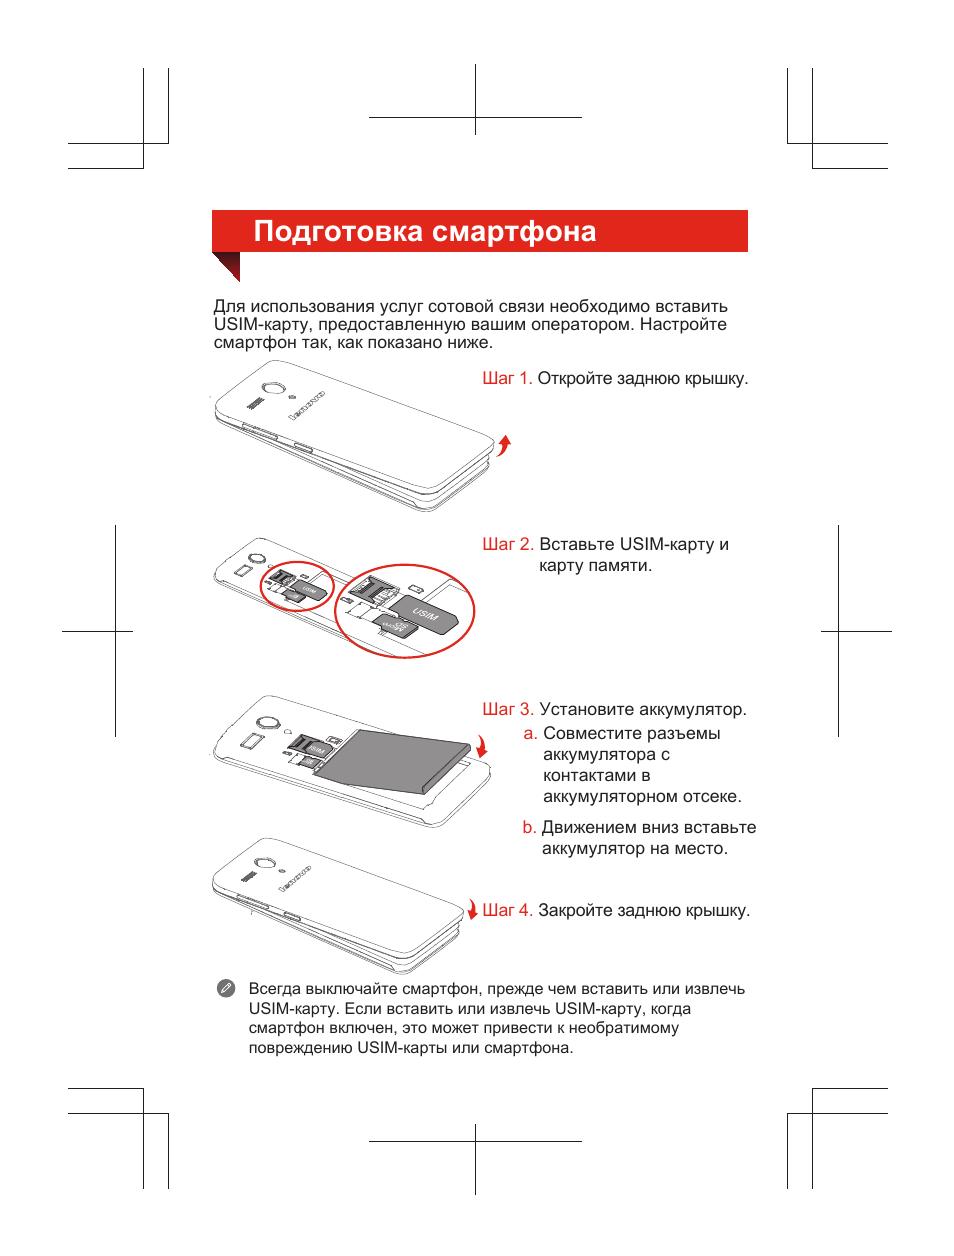 инструкция по эксплуатации смартфона lenovo a606